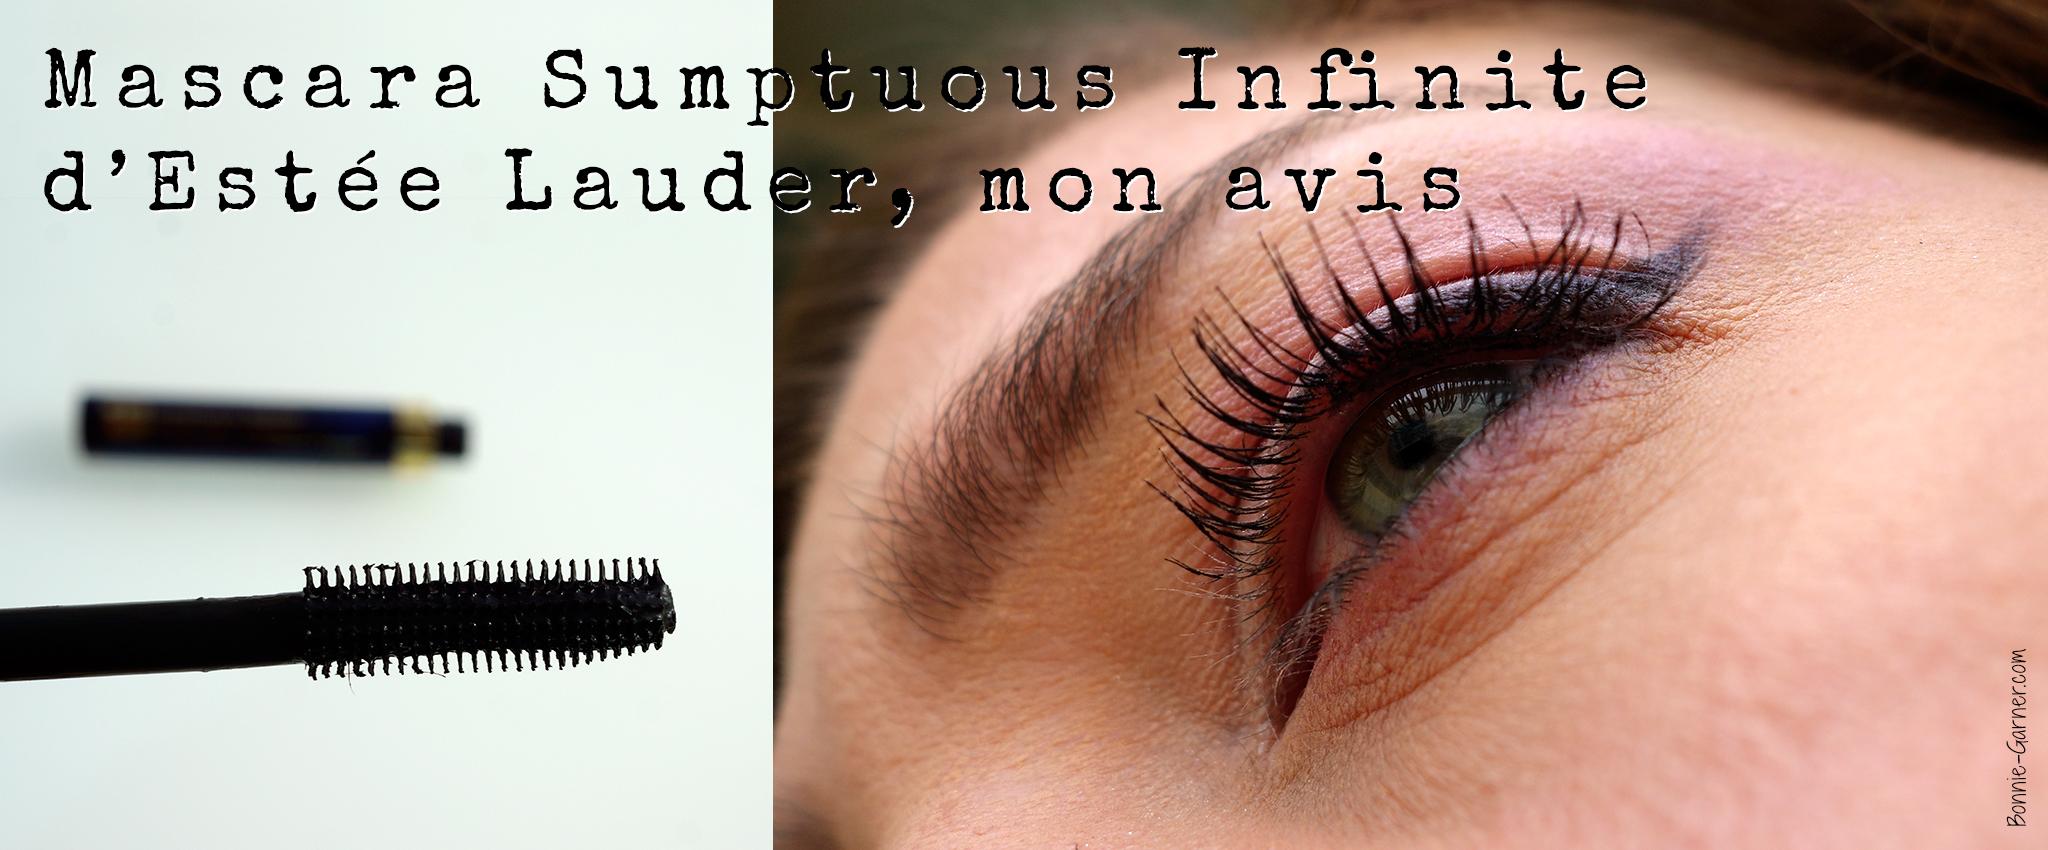 Mascara Sumptuous Infinite d'Estée Lauder, mon avis